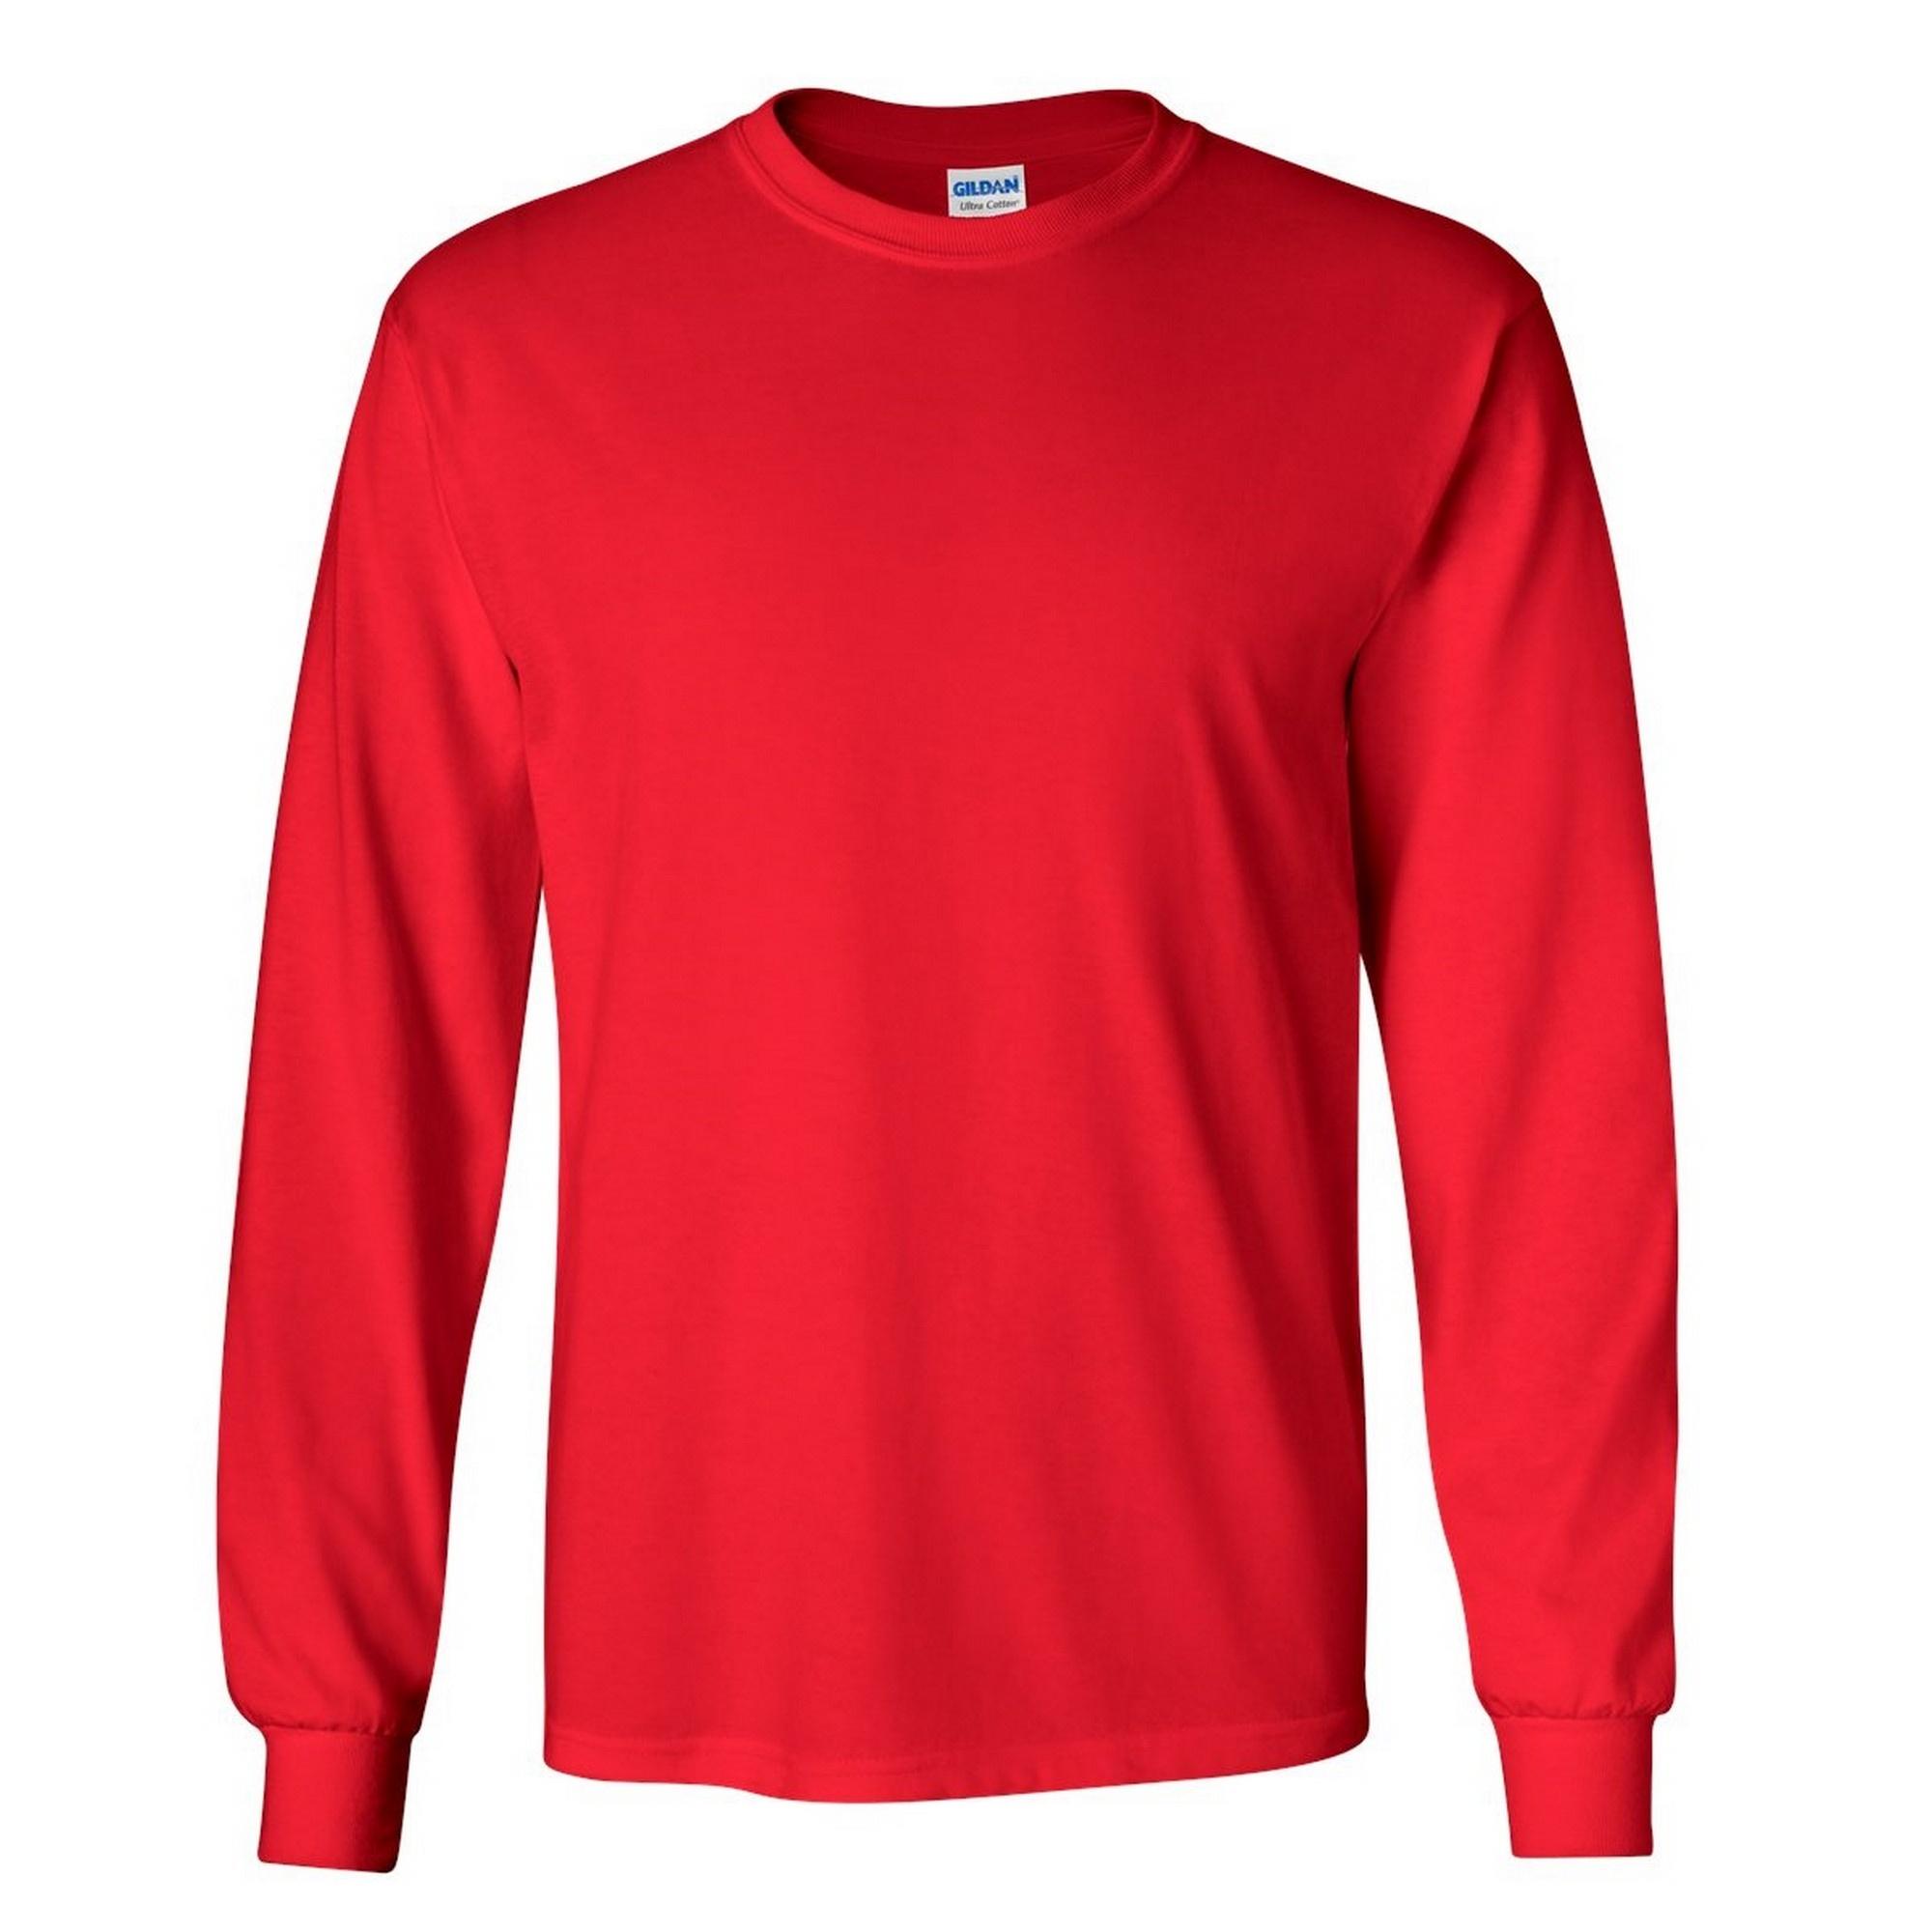 miniature 95 - T-shirt-uni-a-manches-longues-Gildan-100-coton-pour-homme-S-2XL-BC477